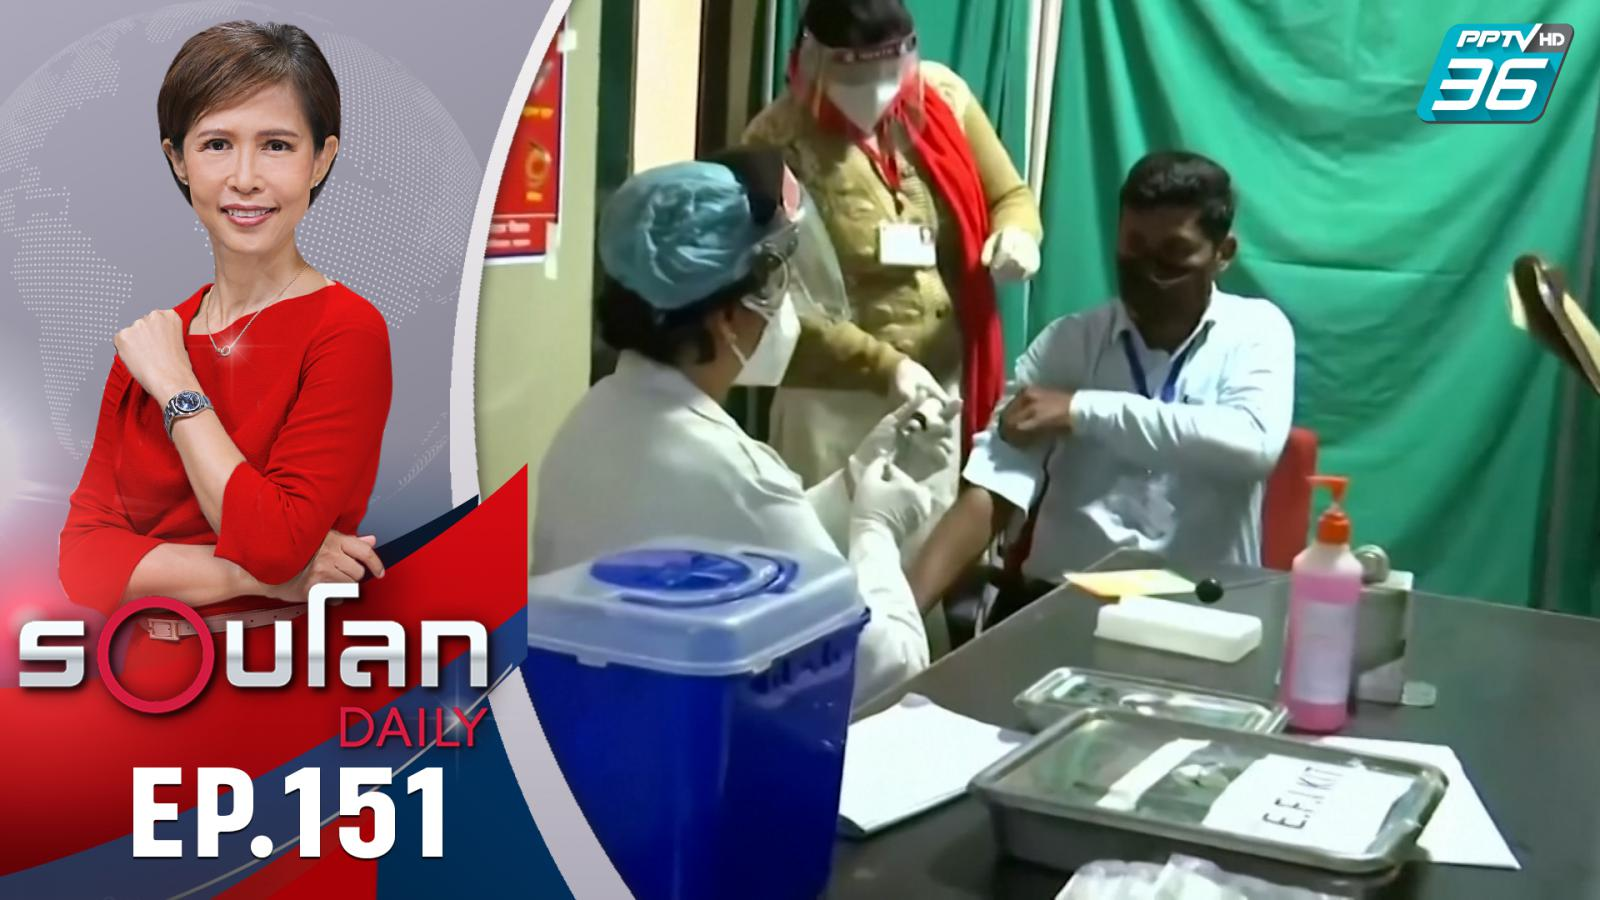 อินเดียเริ่มจ่ายวัคซีนป้องกันโควิด-19 ครั้งใหญ่ที่สุดในโลก   18 ม.ค. 64   รอบโลก DAILY